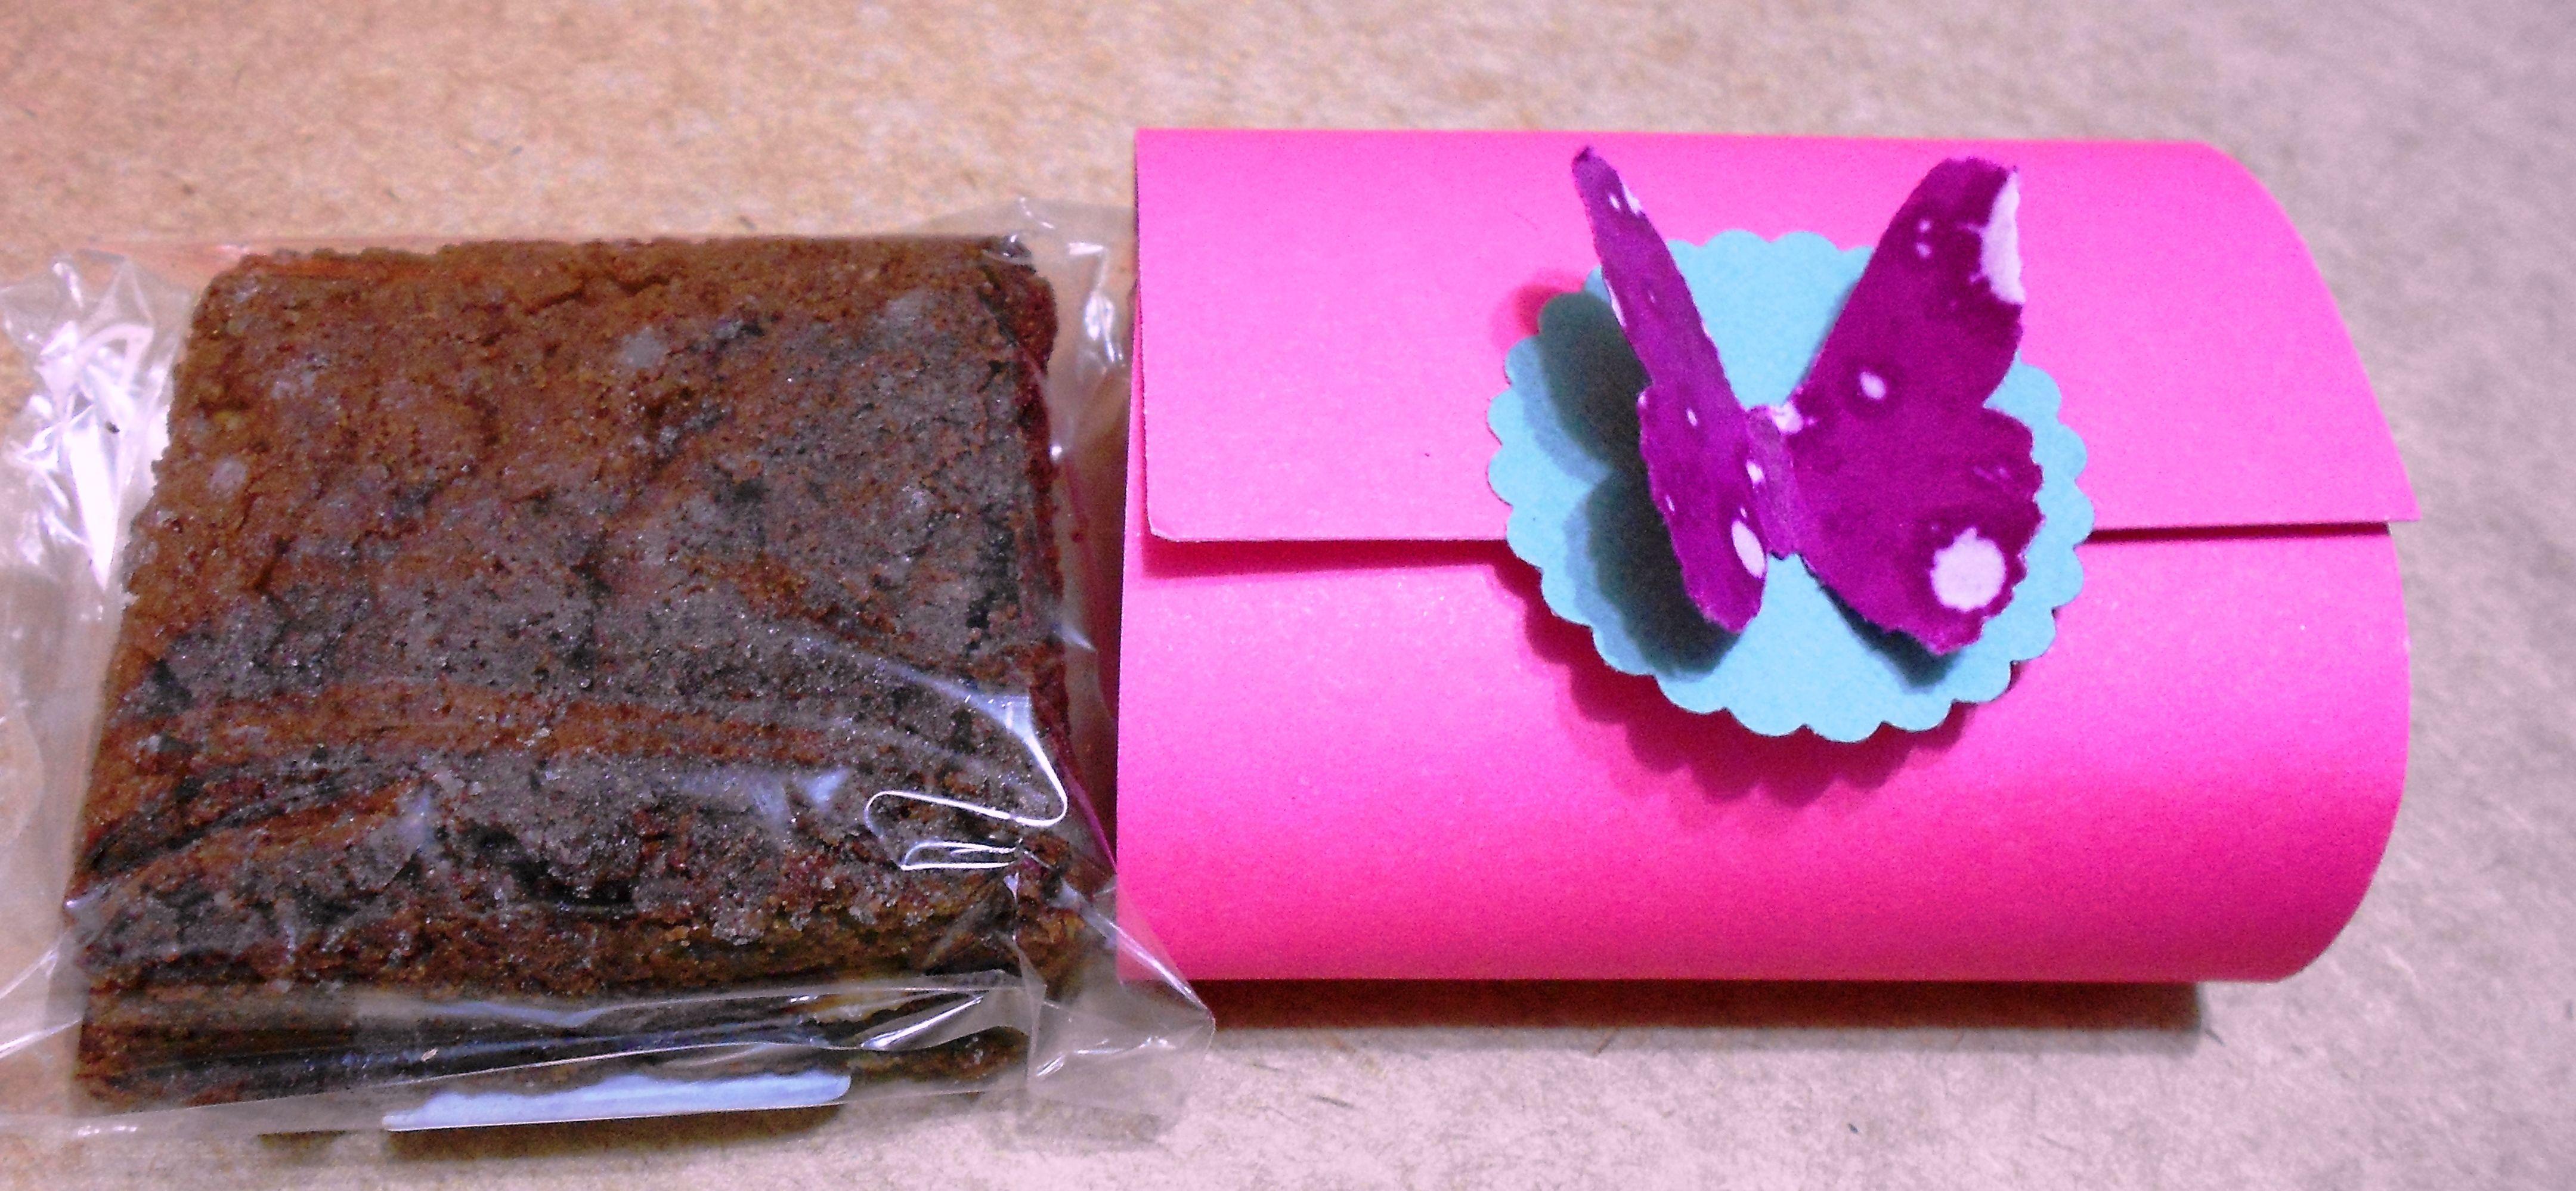 Quadradinhos de brownie e com uma linda decoração em scrapbook